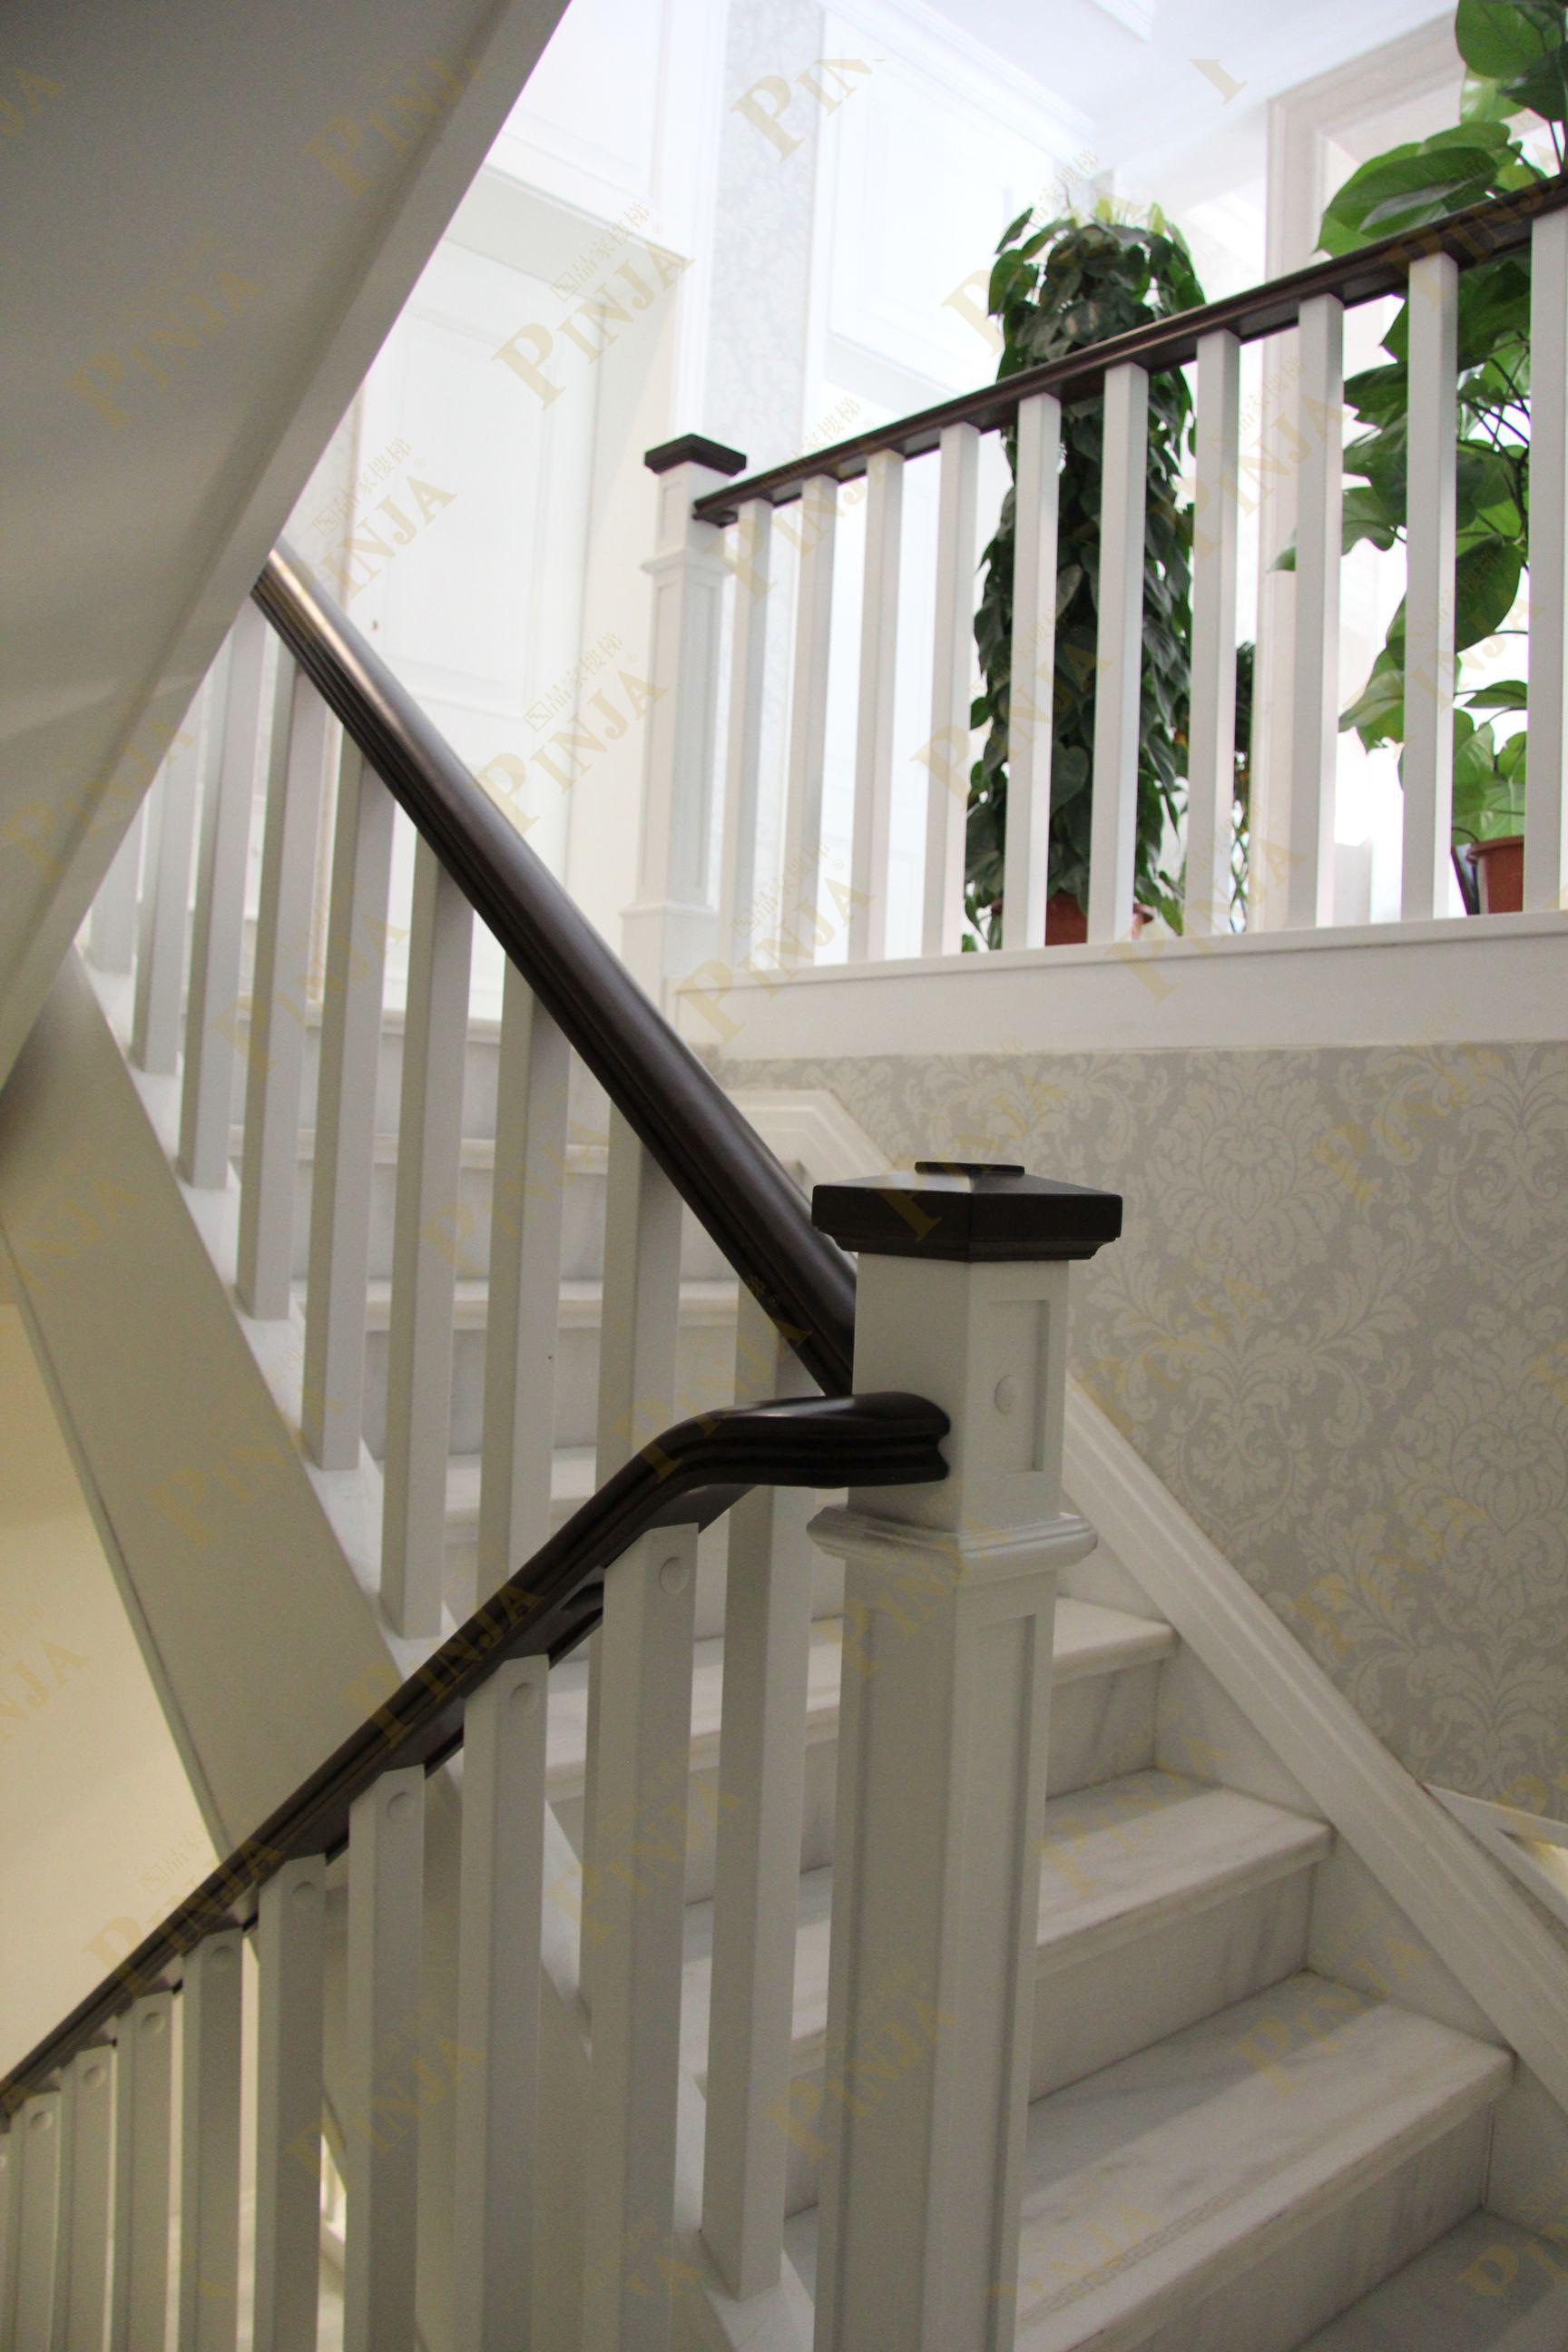 樓梯大理石櫸木扶手_樓梯式樣造型設計_櫸木樓梯方柱實惠